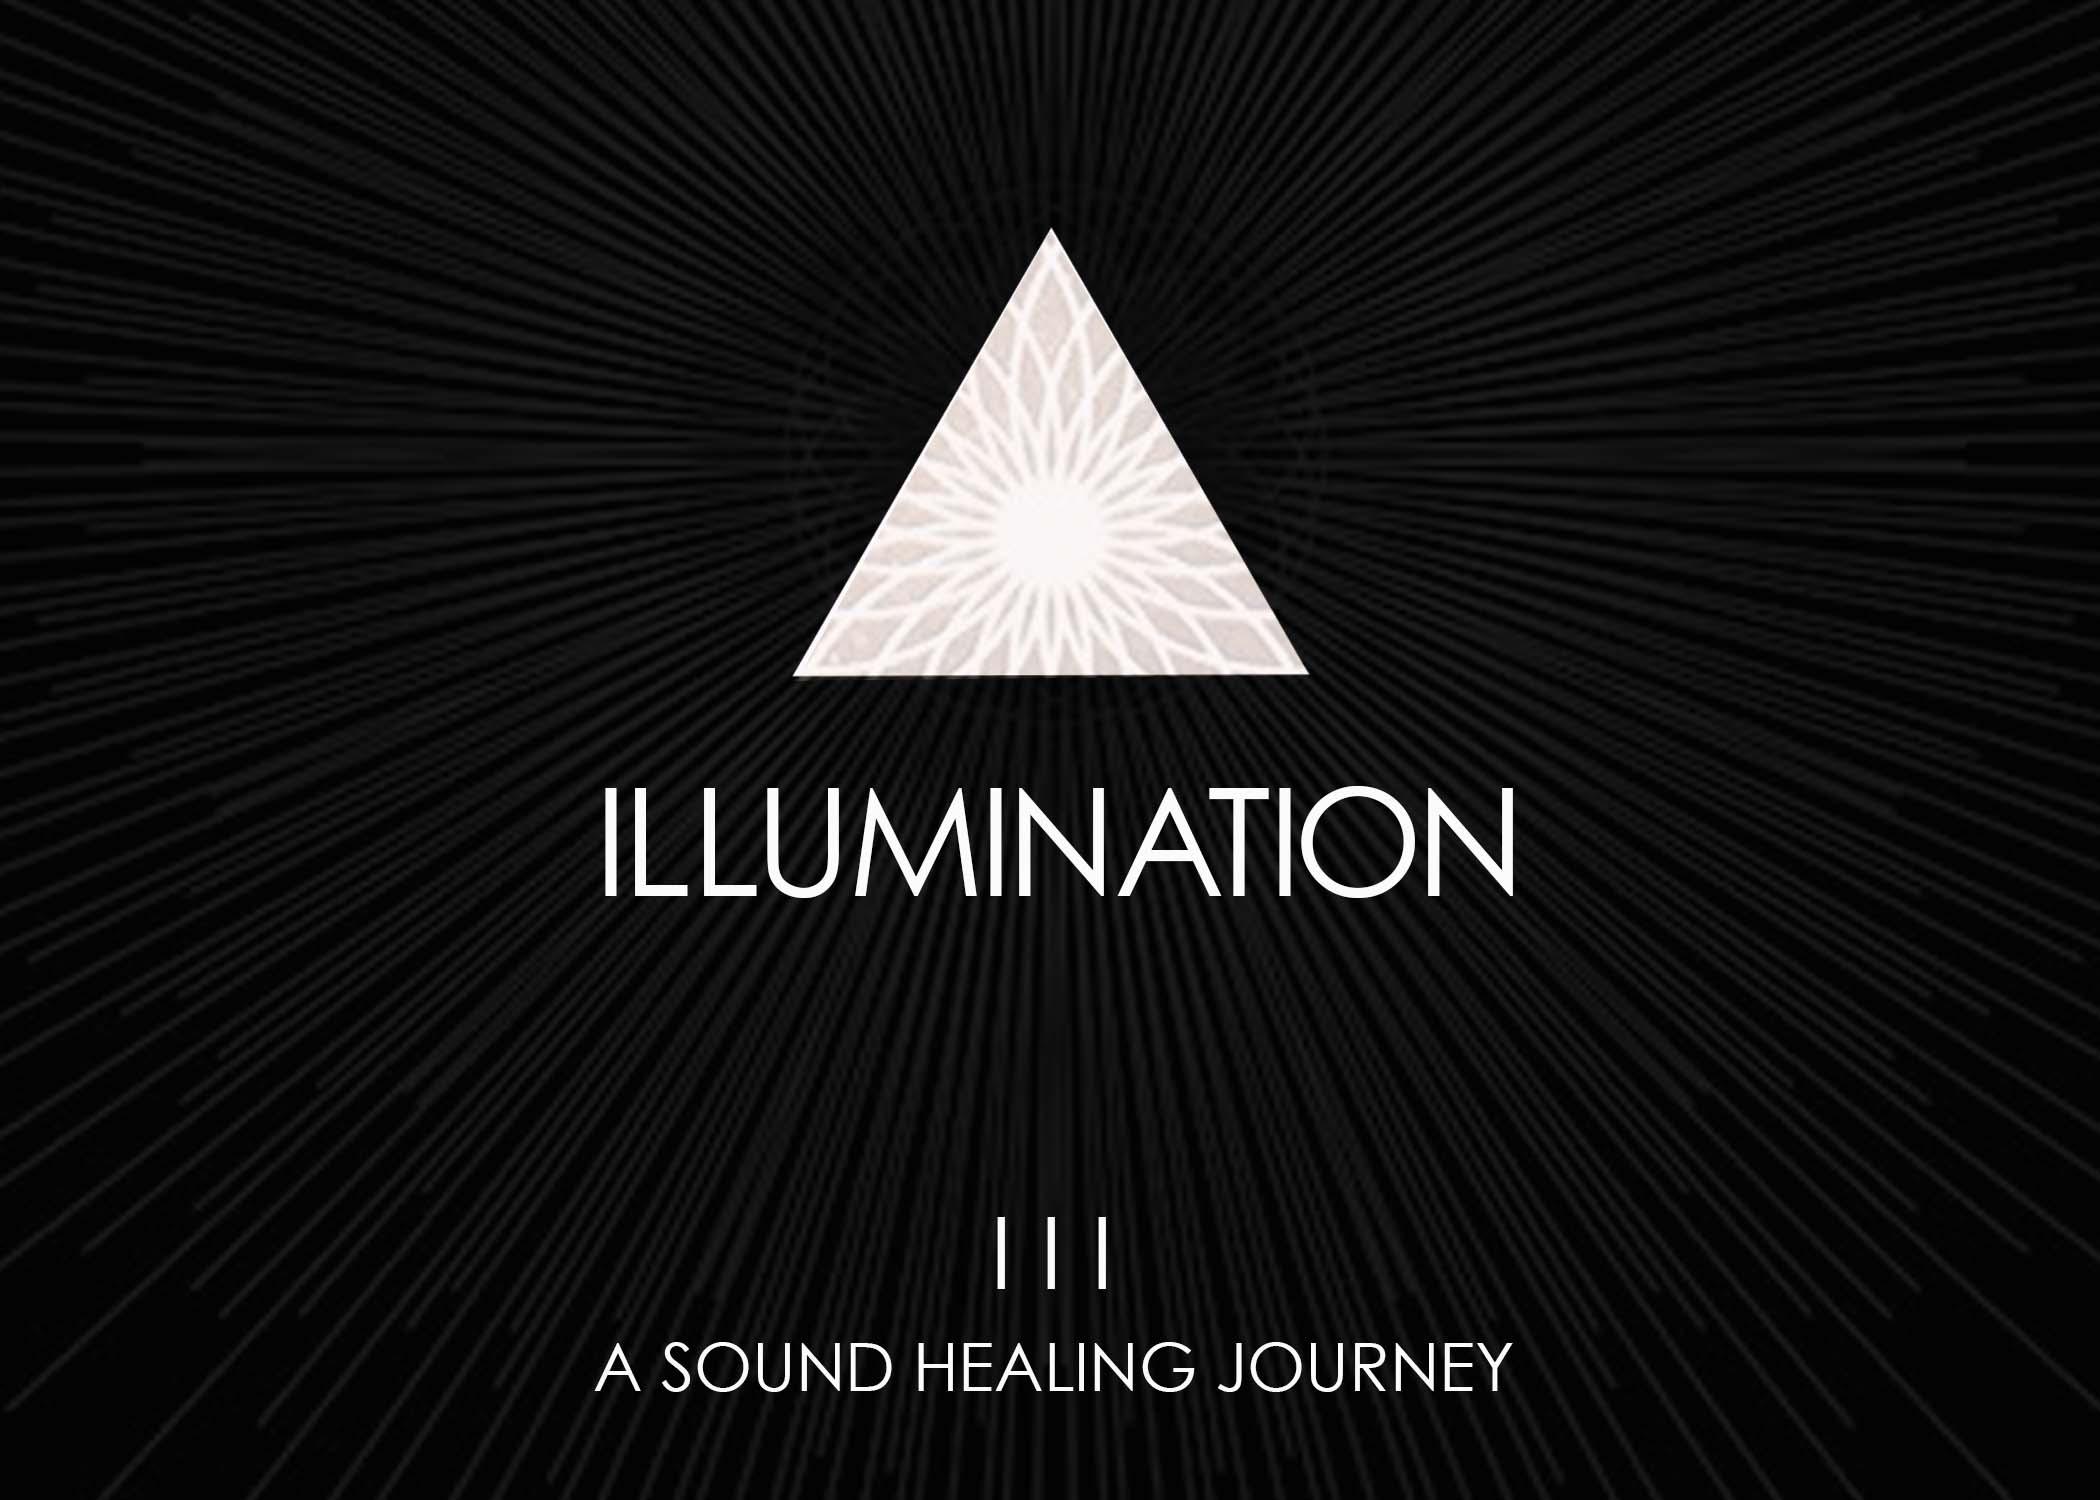 iiiillumination.jpg